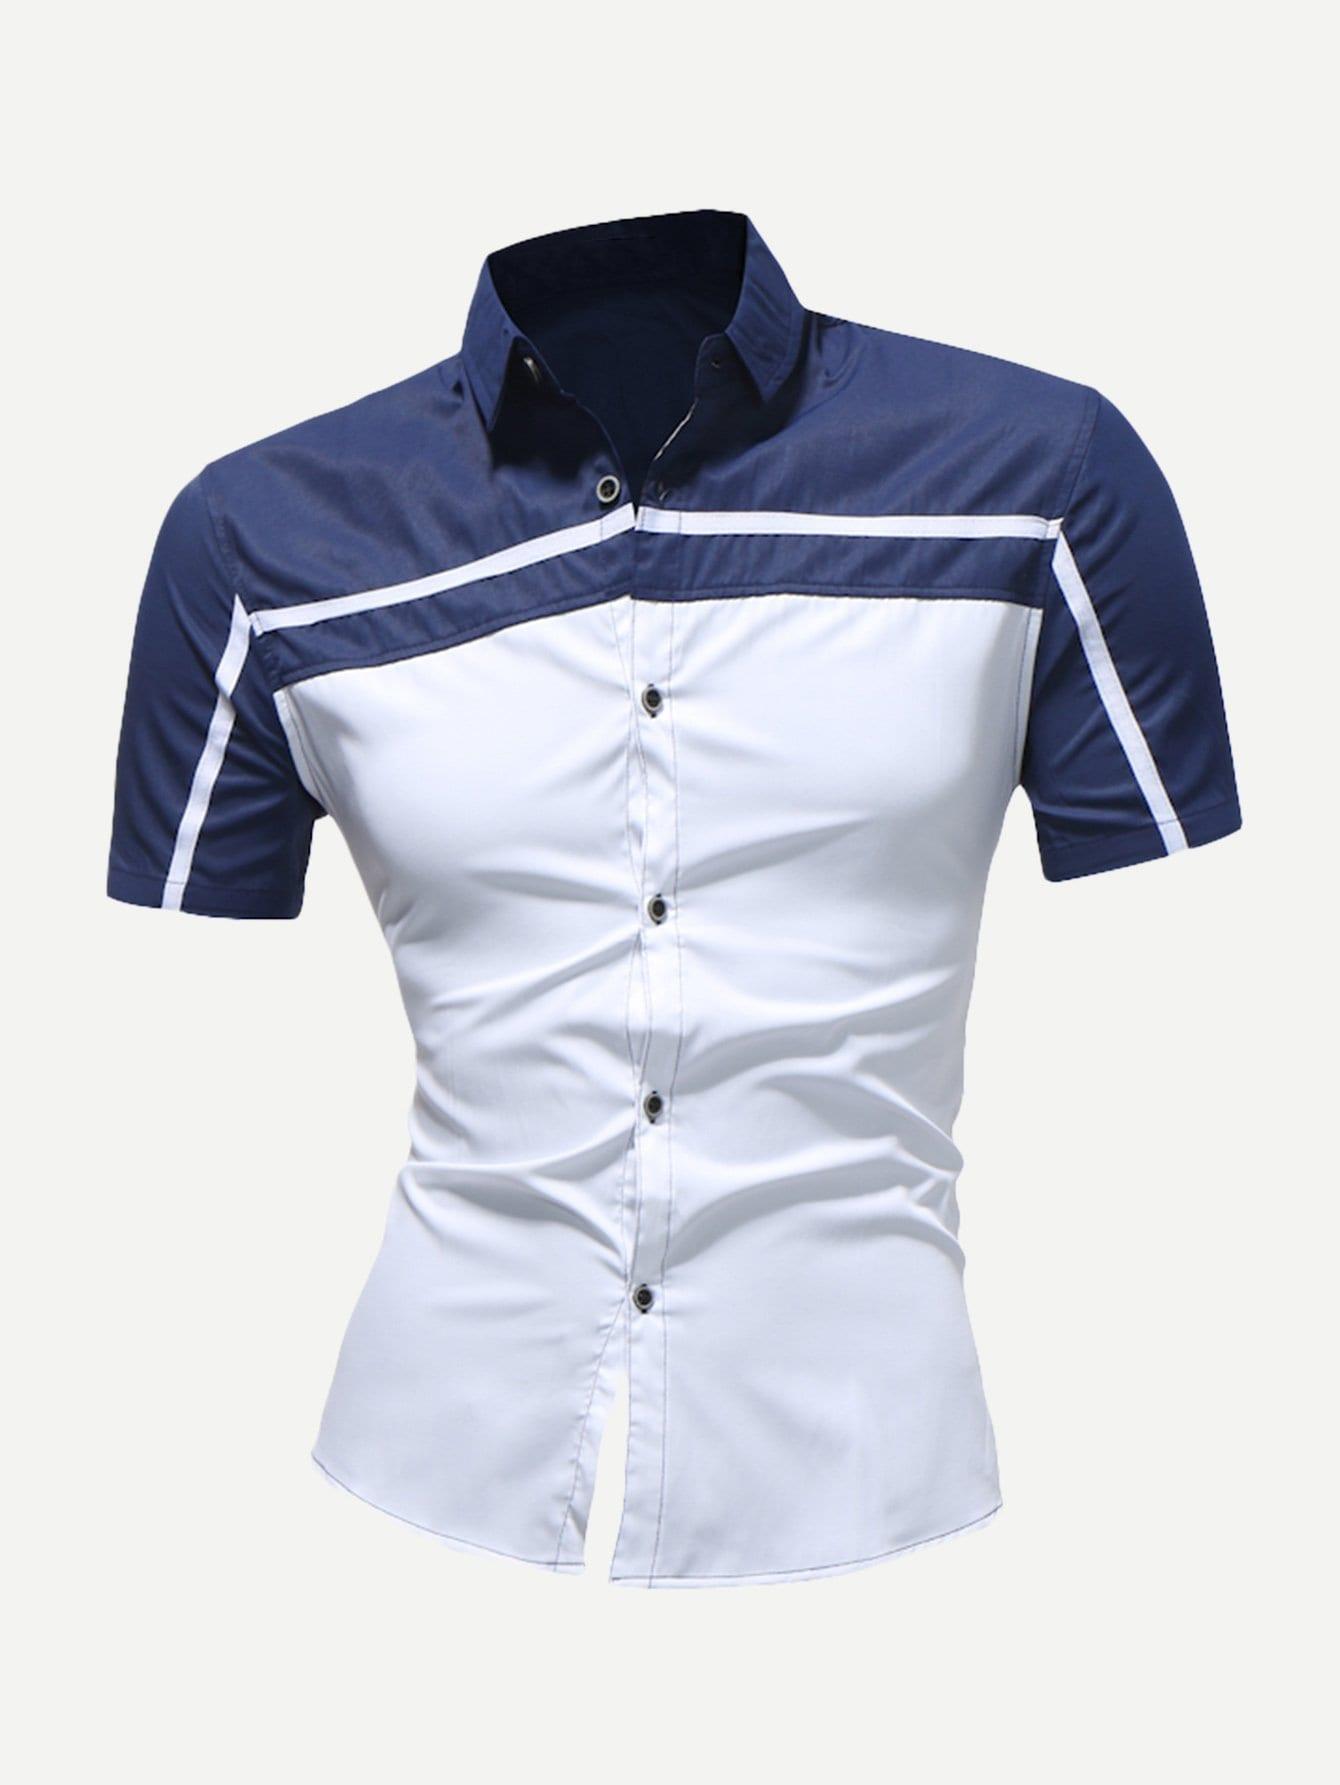 Купить Полосатый Контрастный цвет Синий Мужские рубашки, null, SheIn